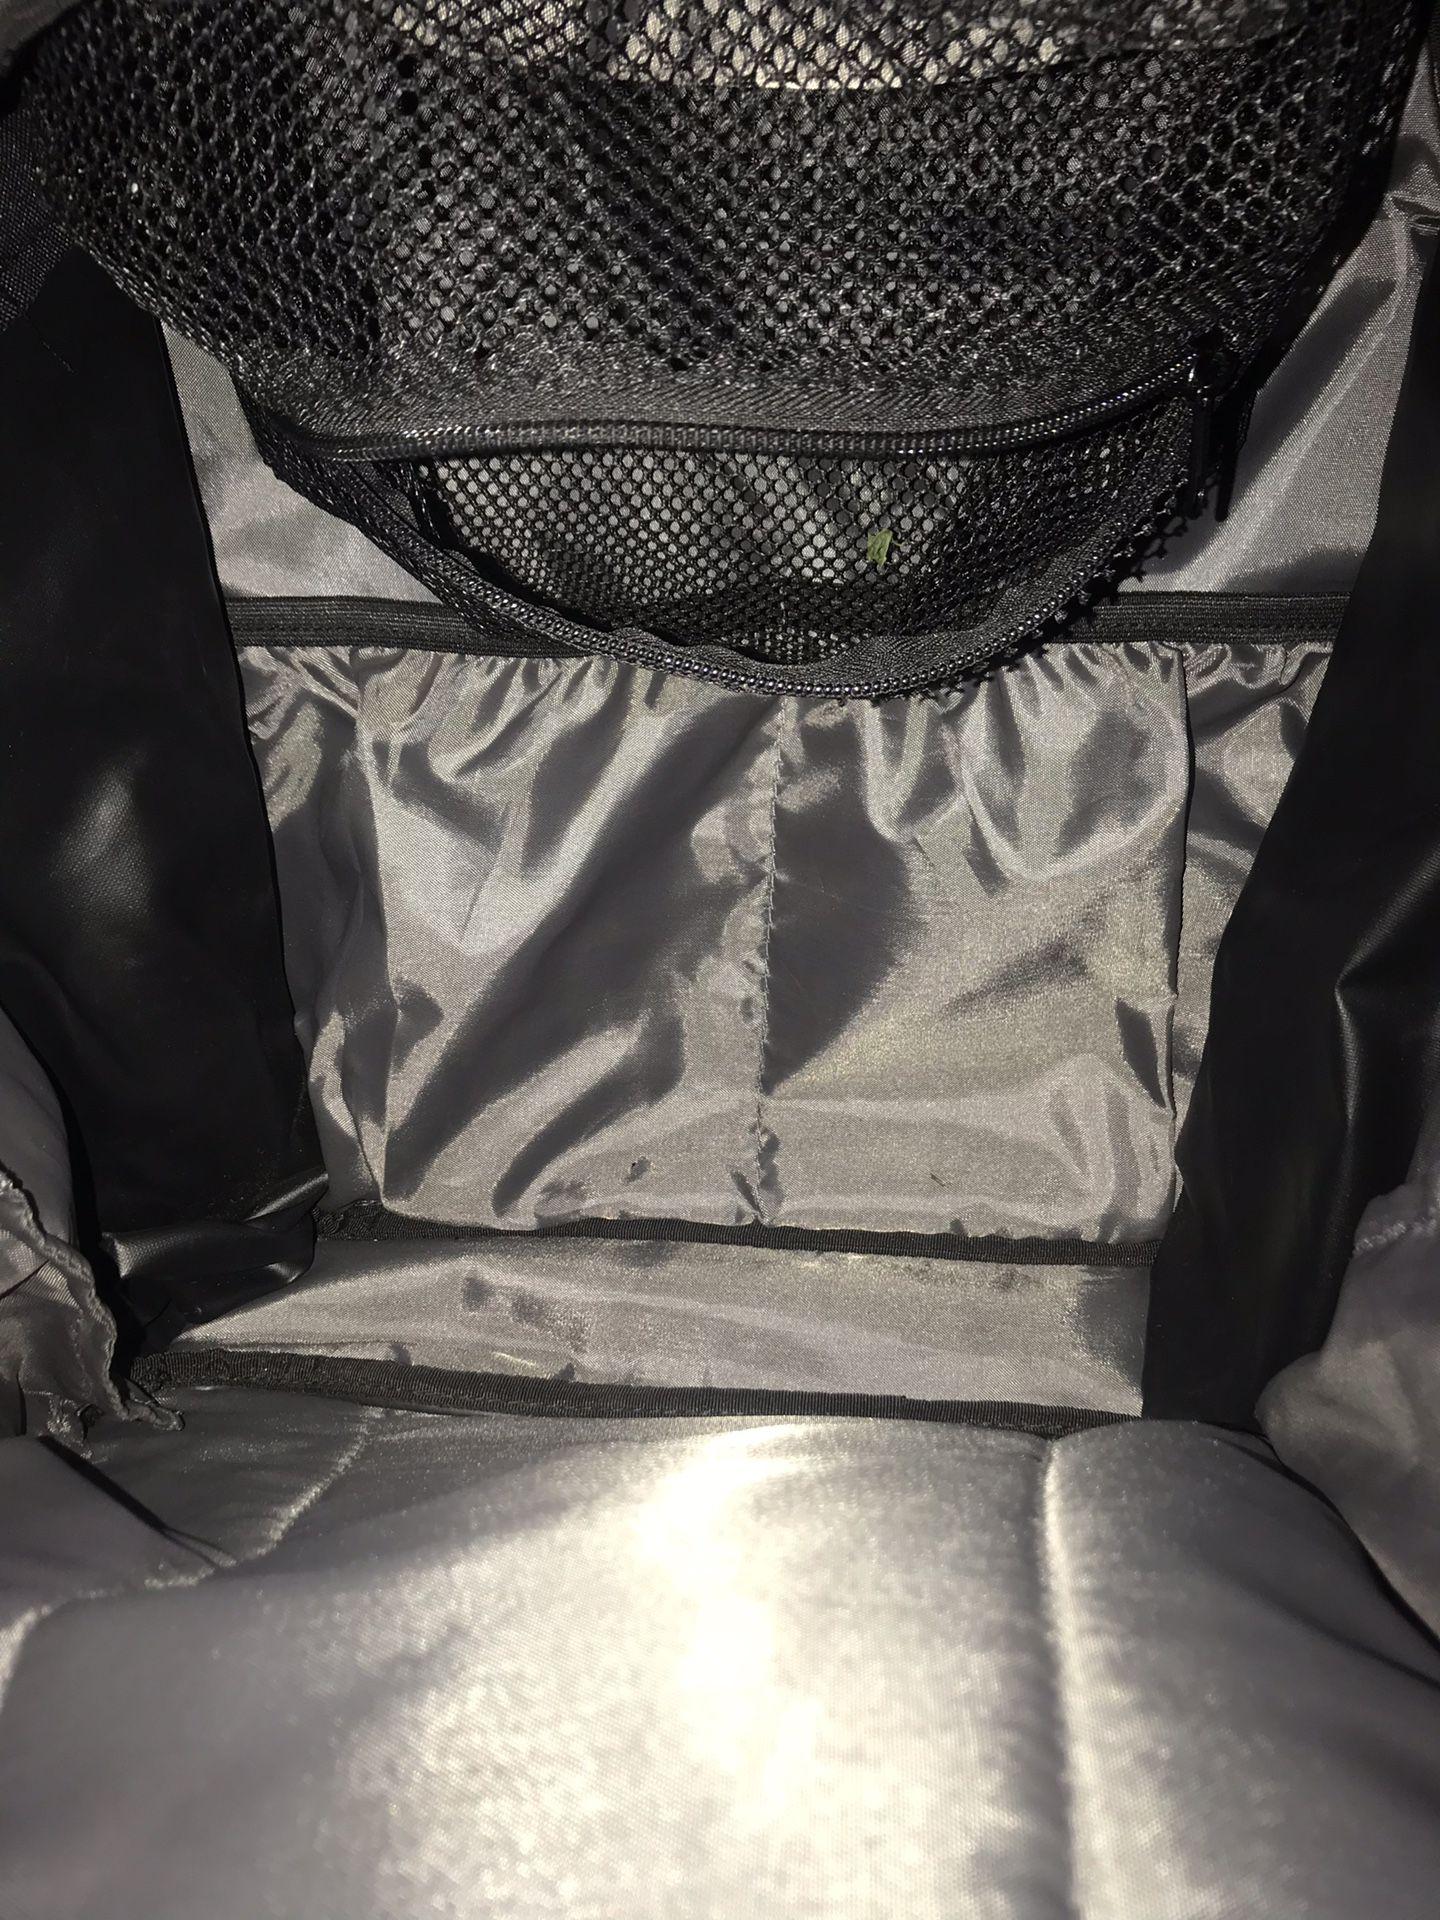 Rawling gold glove baseball backpack